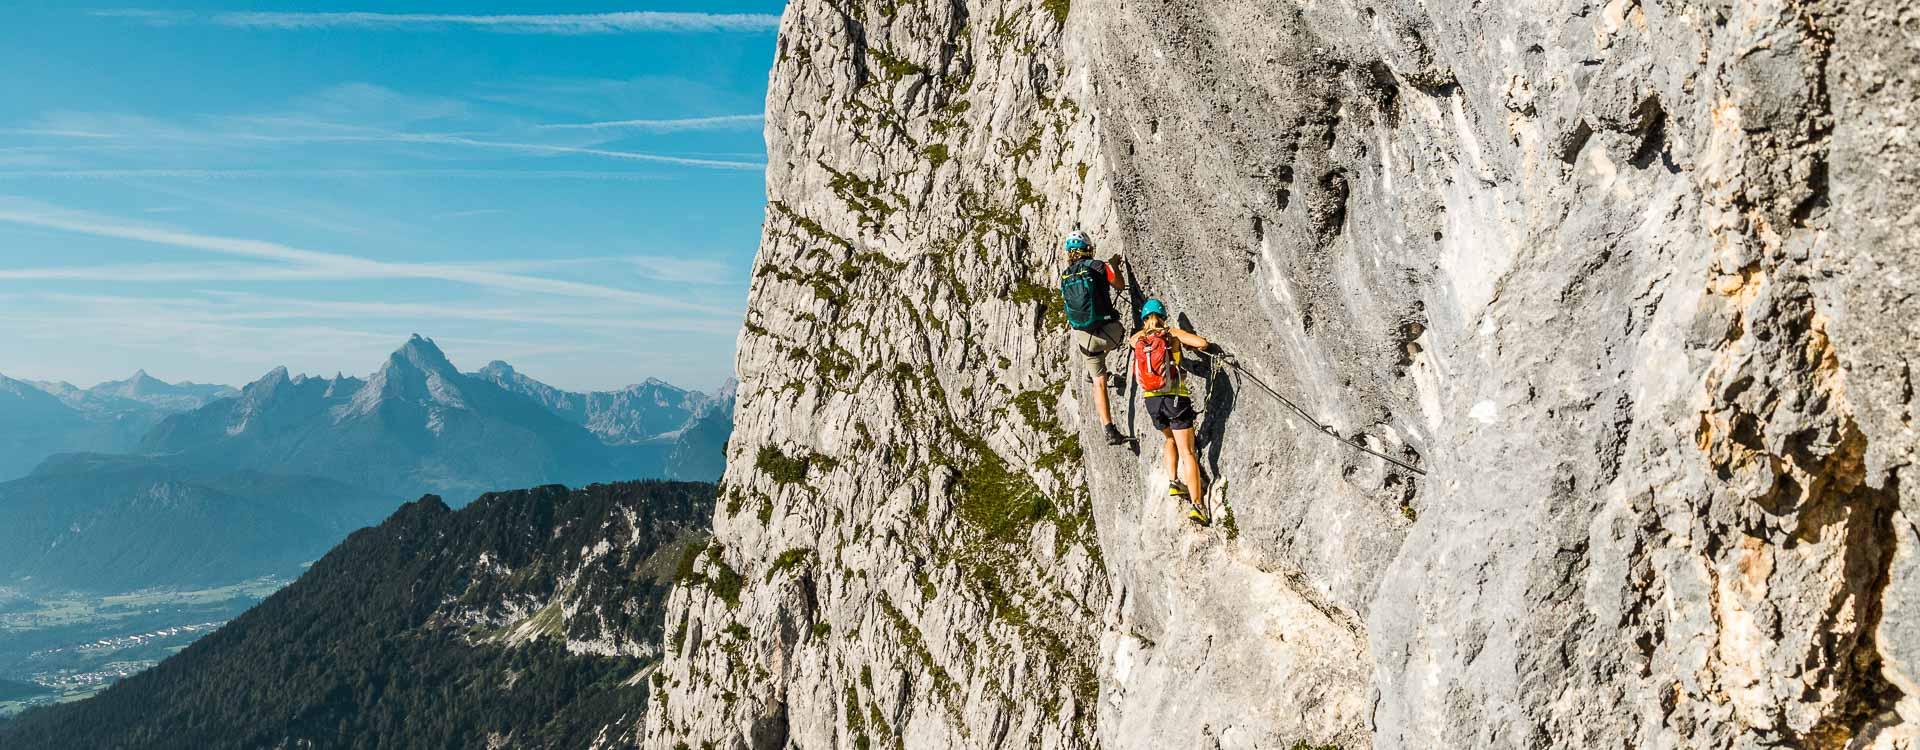 Klettersteig Fuehrung in Berchtesgaden auf den Untersberg